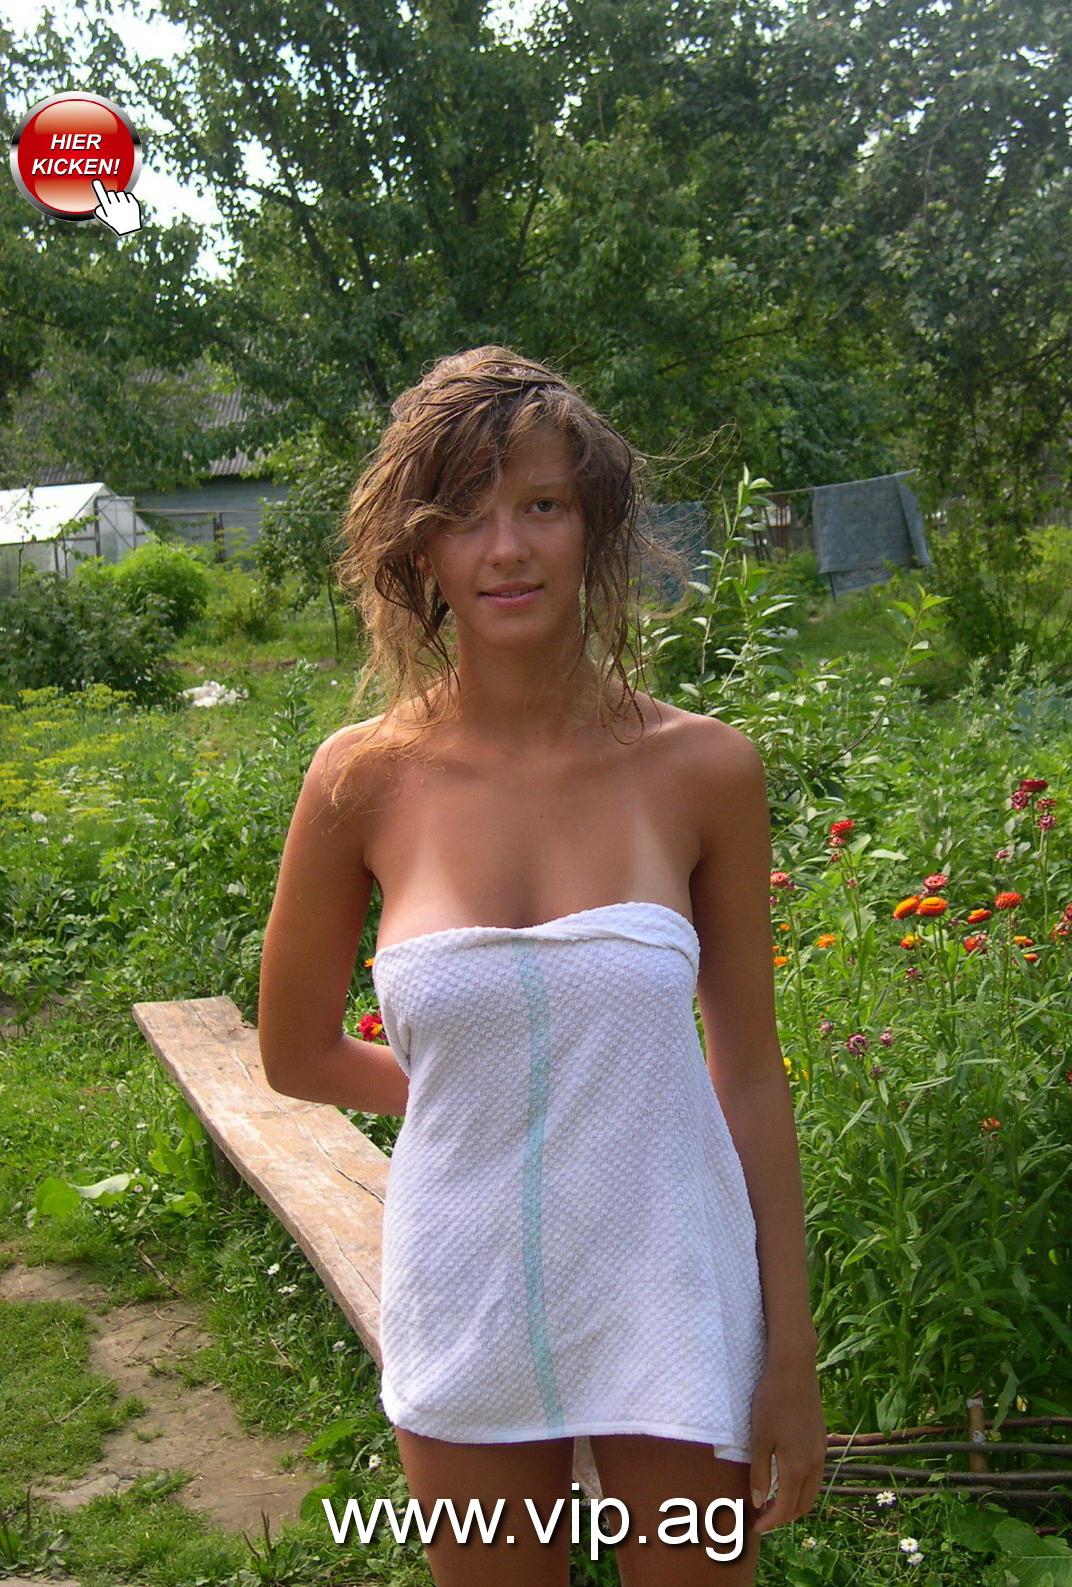 kostenfreie sexkontakte Gummersbach